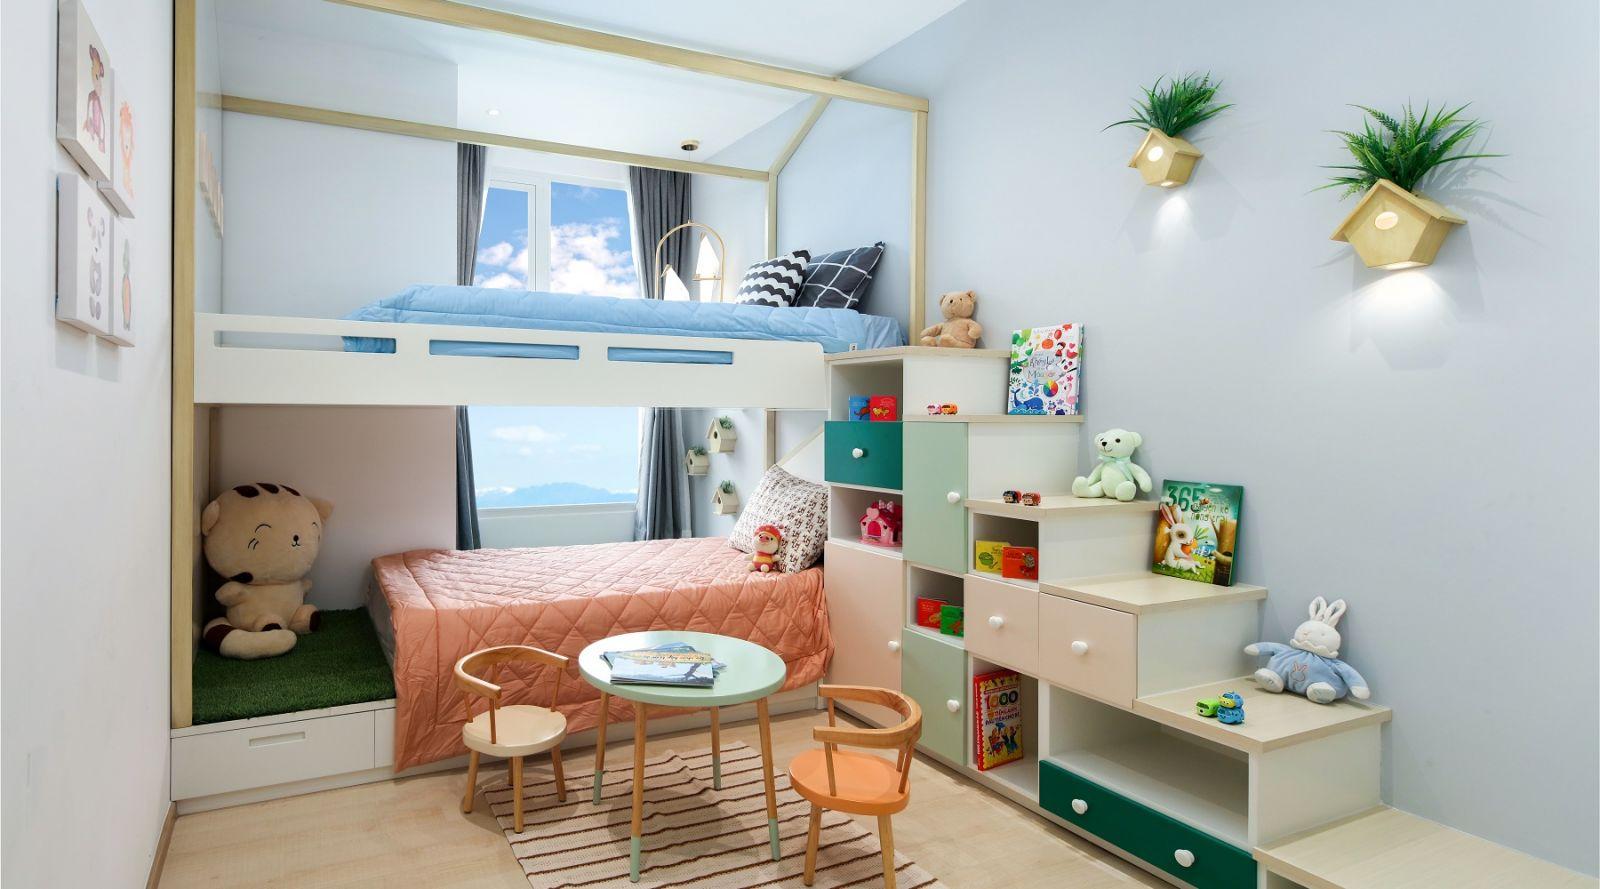 phòng ngủ trẻ em charmington iris